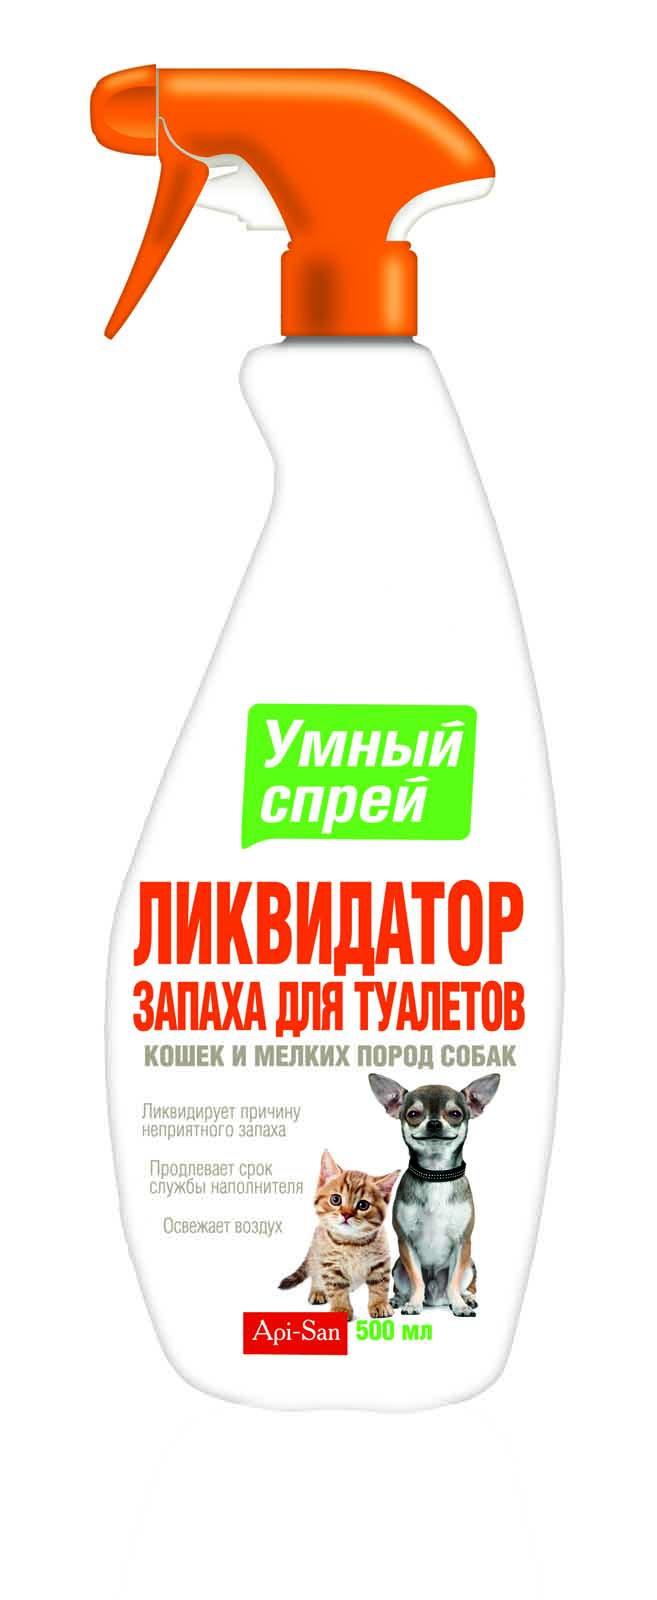 Апи-Сан Умный Спрей 3в1 Ликвидатор запаха для кошек и собак декоративных пород, 500 мл, Api-San